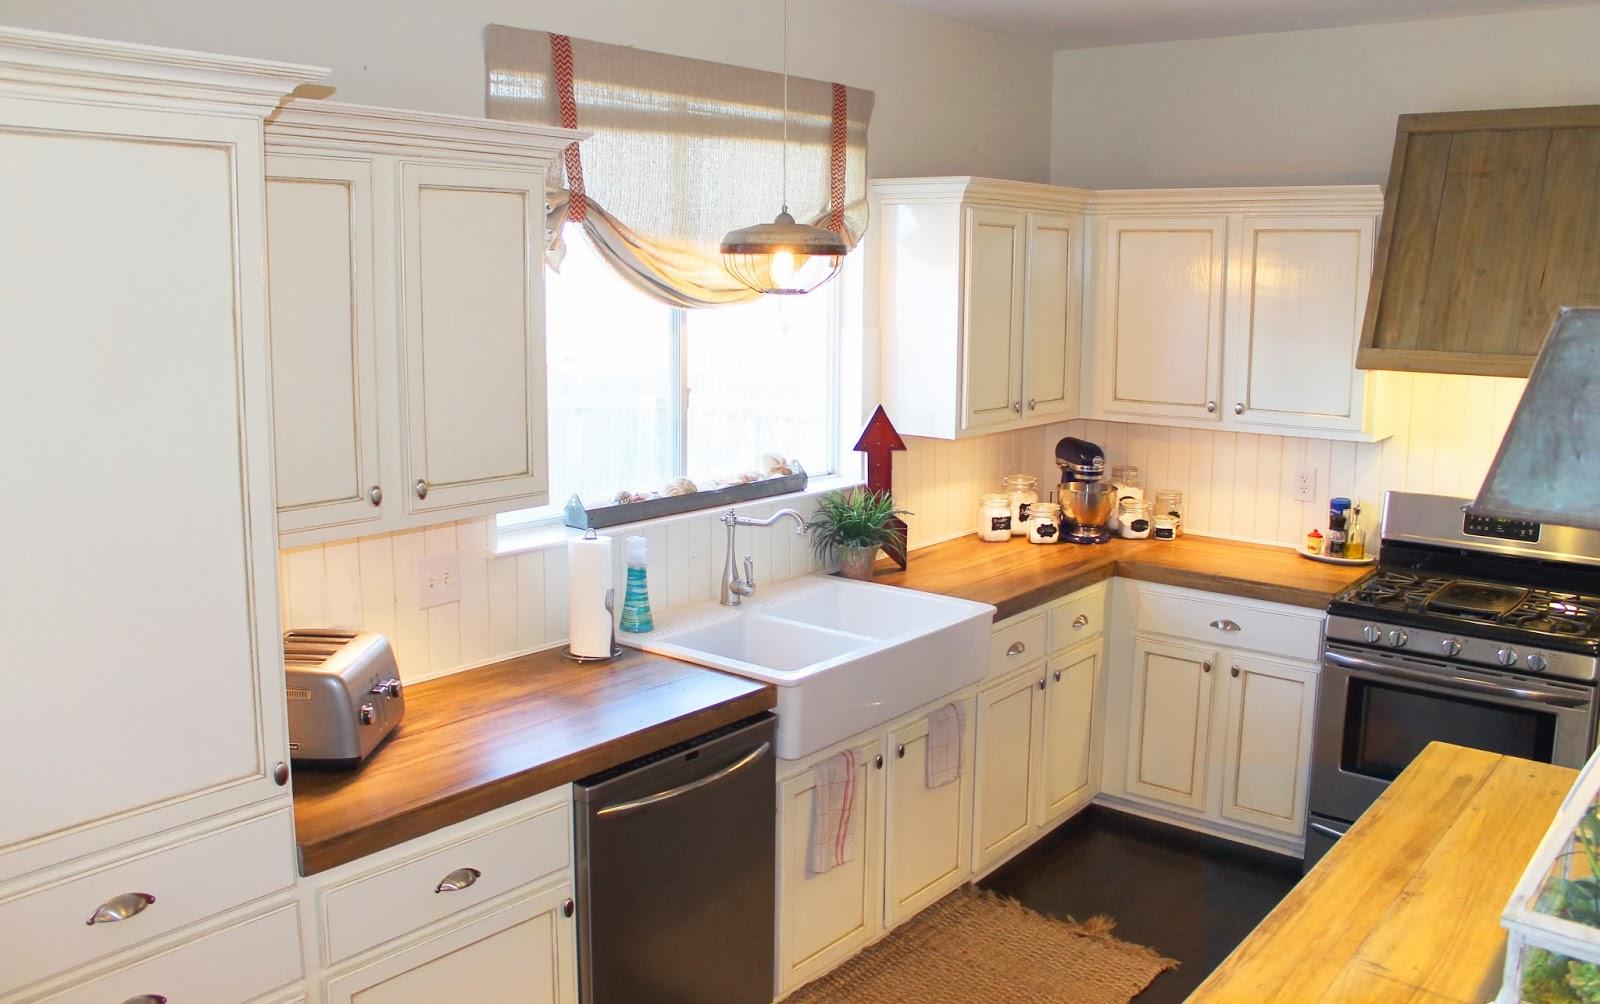 Деревянные кухонные столешницы в светлых тонах - фото 9